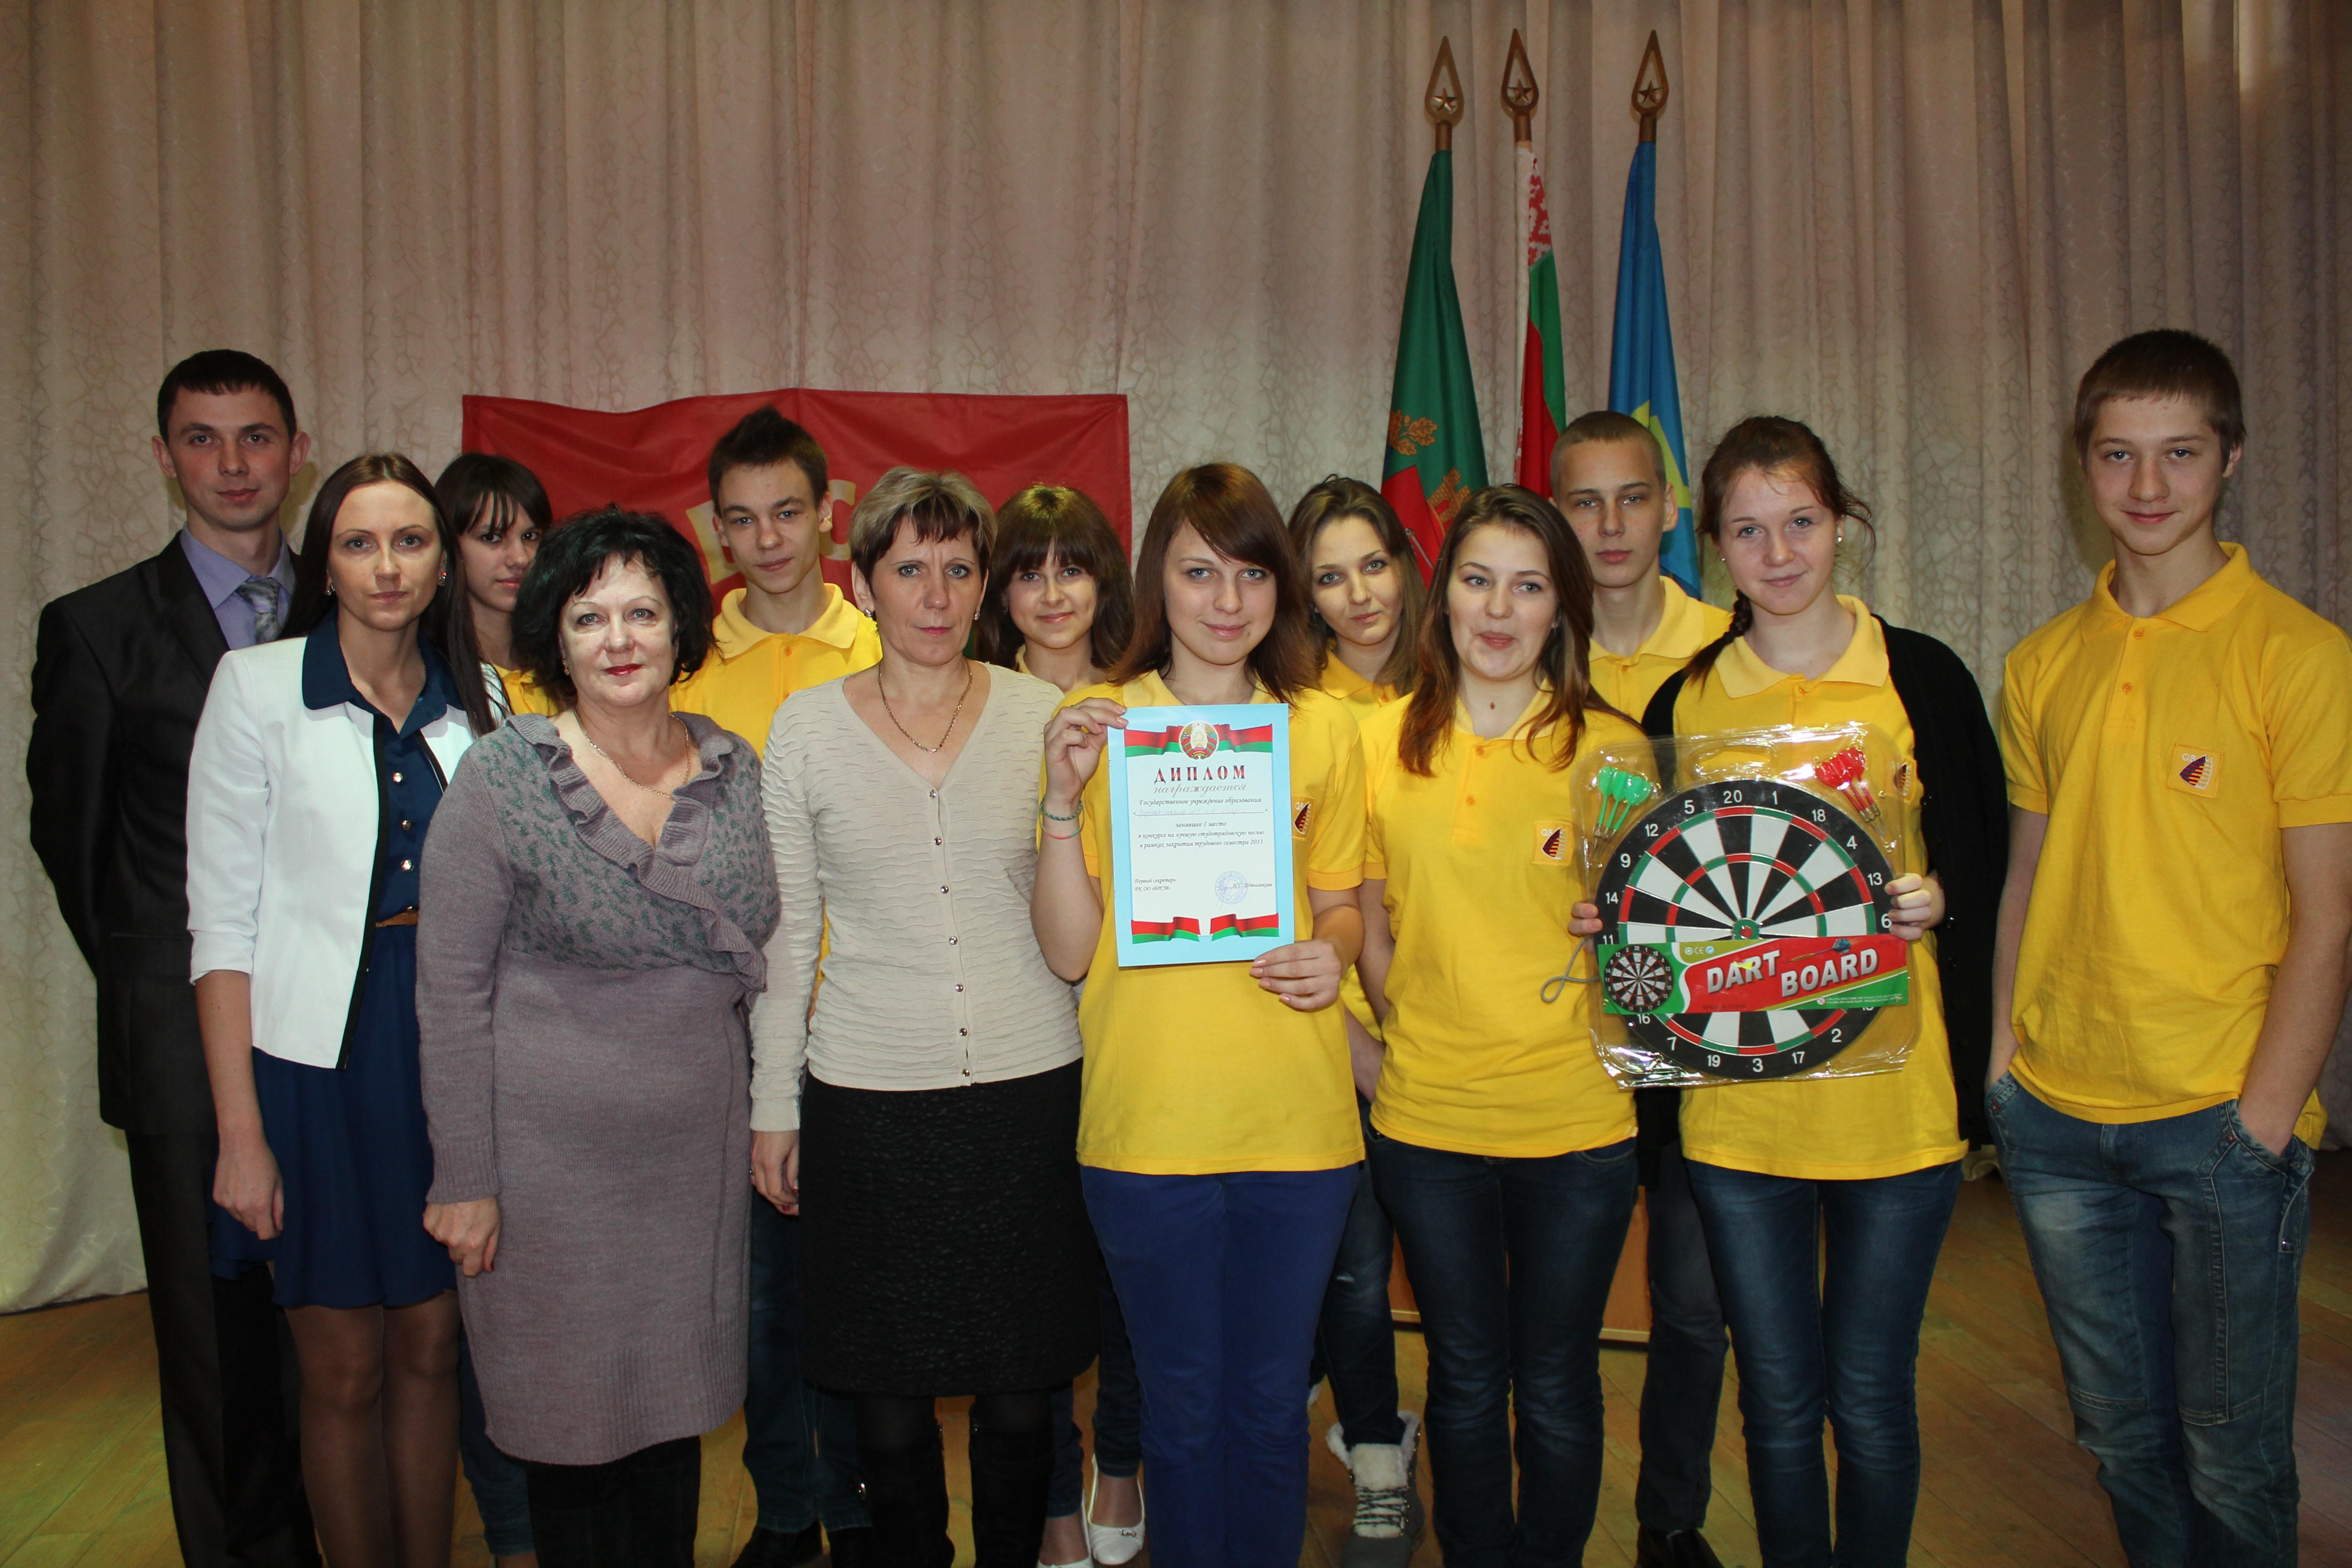 Благодарности лучшим студотрядам вручили на сцене районного Дома культуры